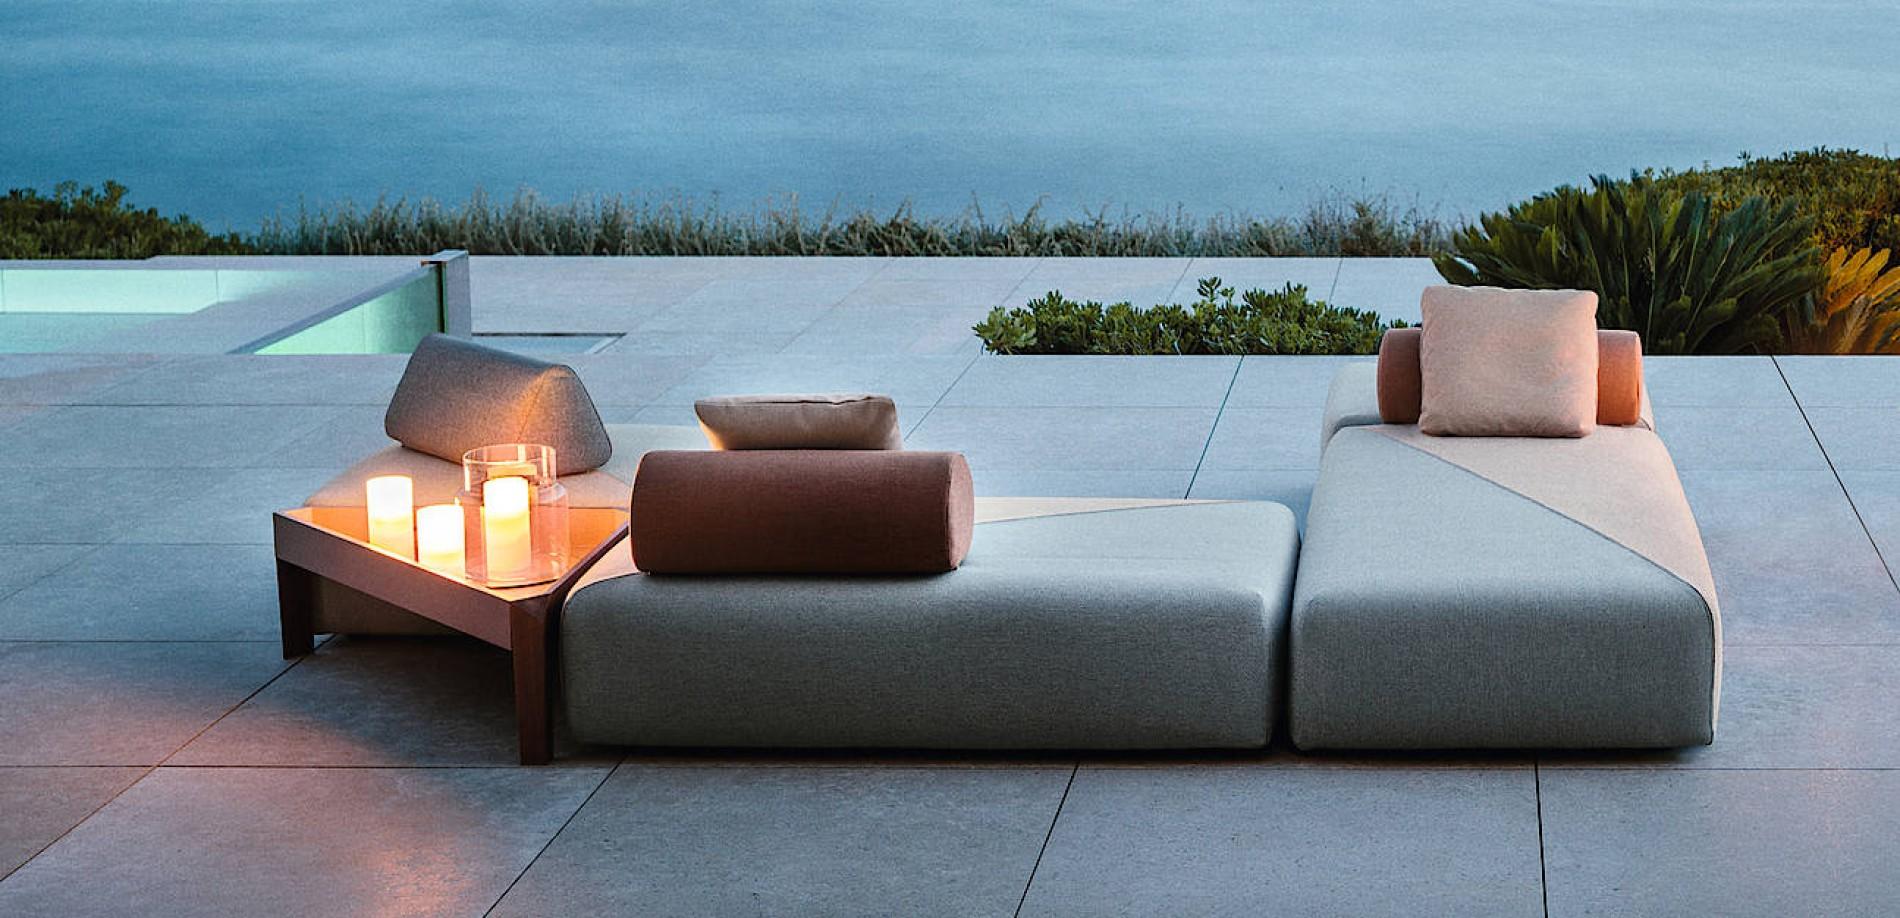 Favorit Die schönsten neuen Möbel für Balkon, Terrasse und Garten SO65